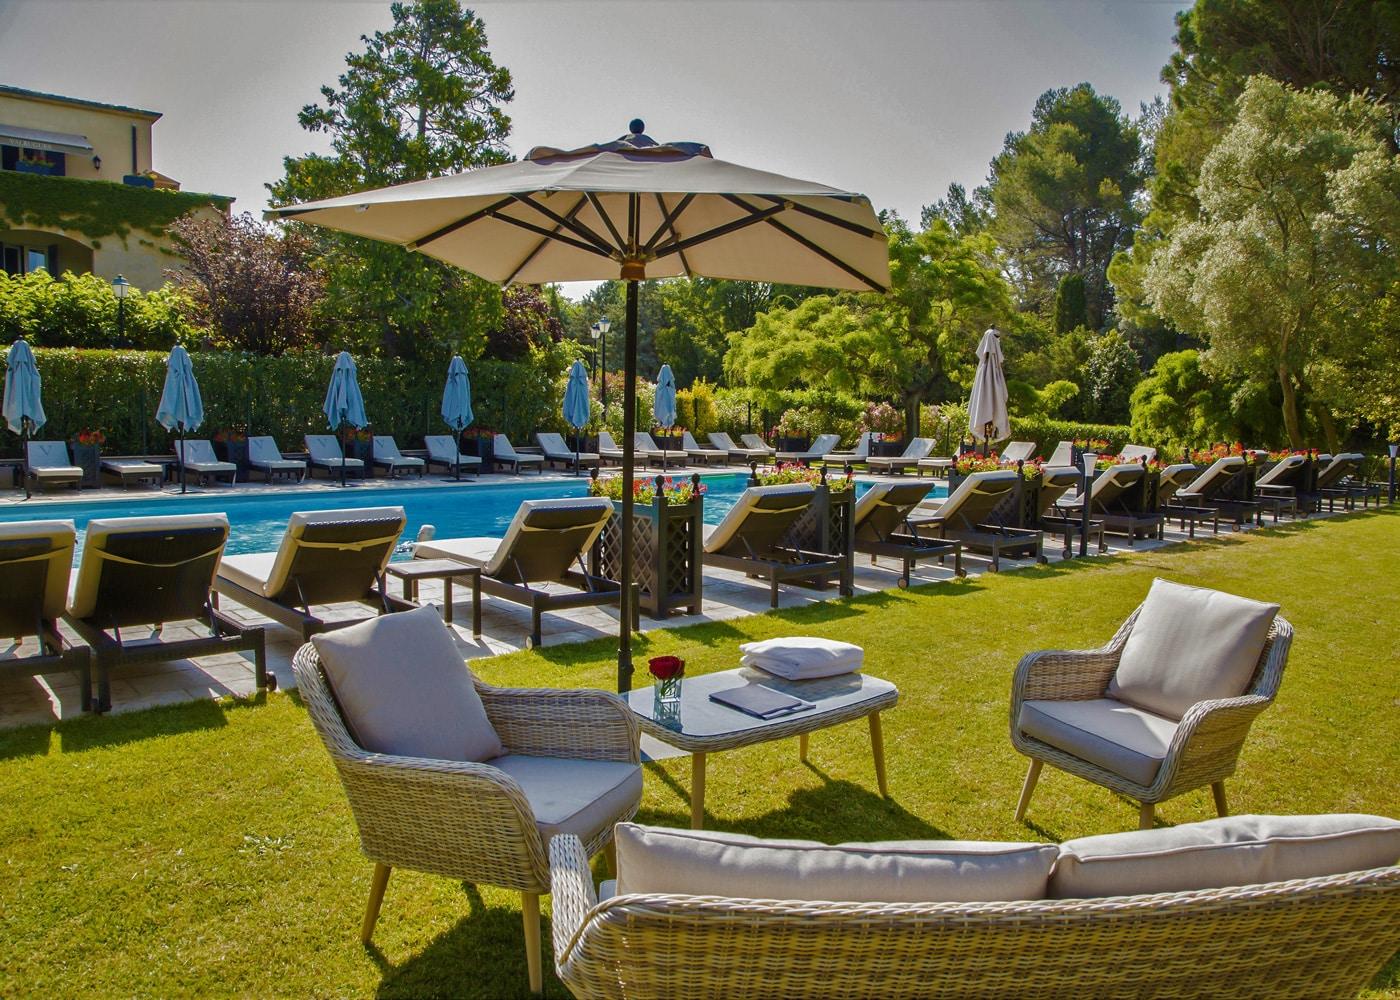 deconfinez-moi-ici-#6-le-vallon-de-valrugues-spa-bar-piscine